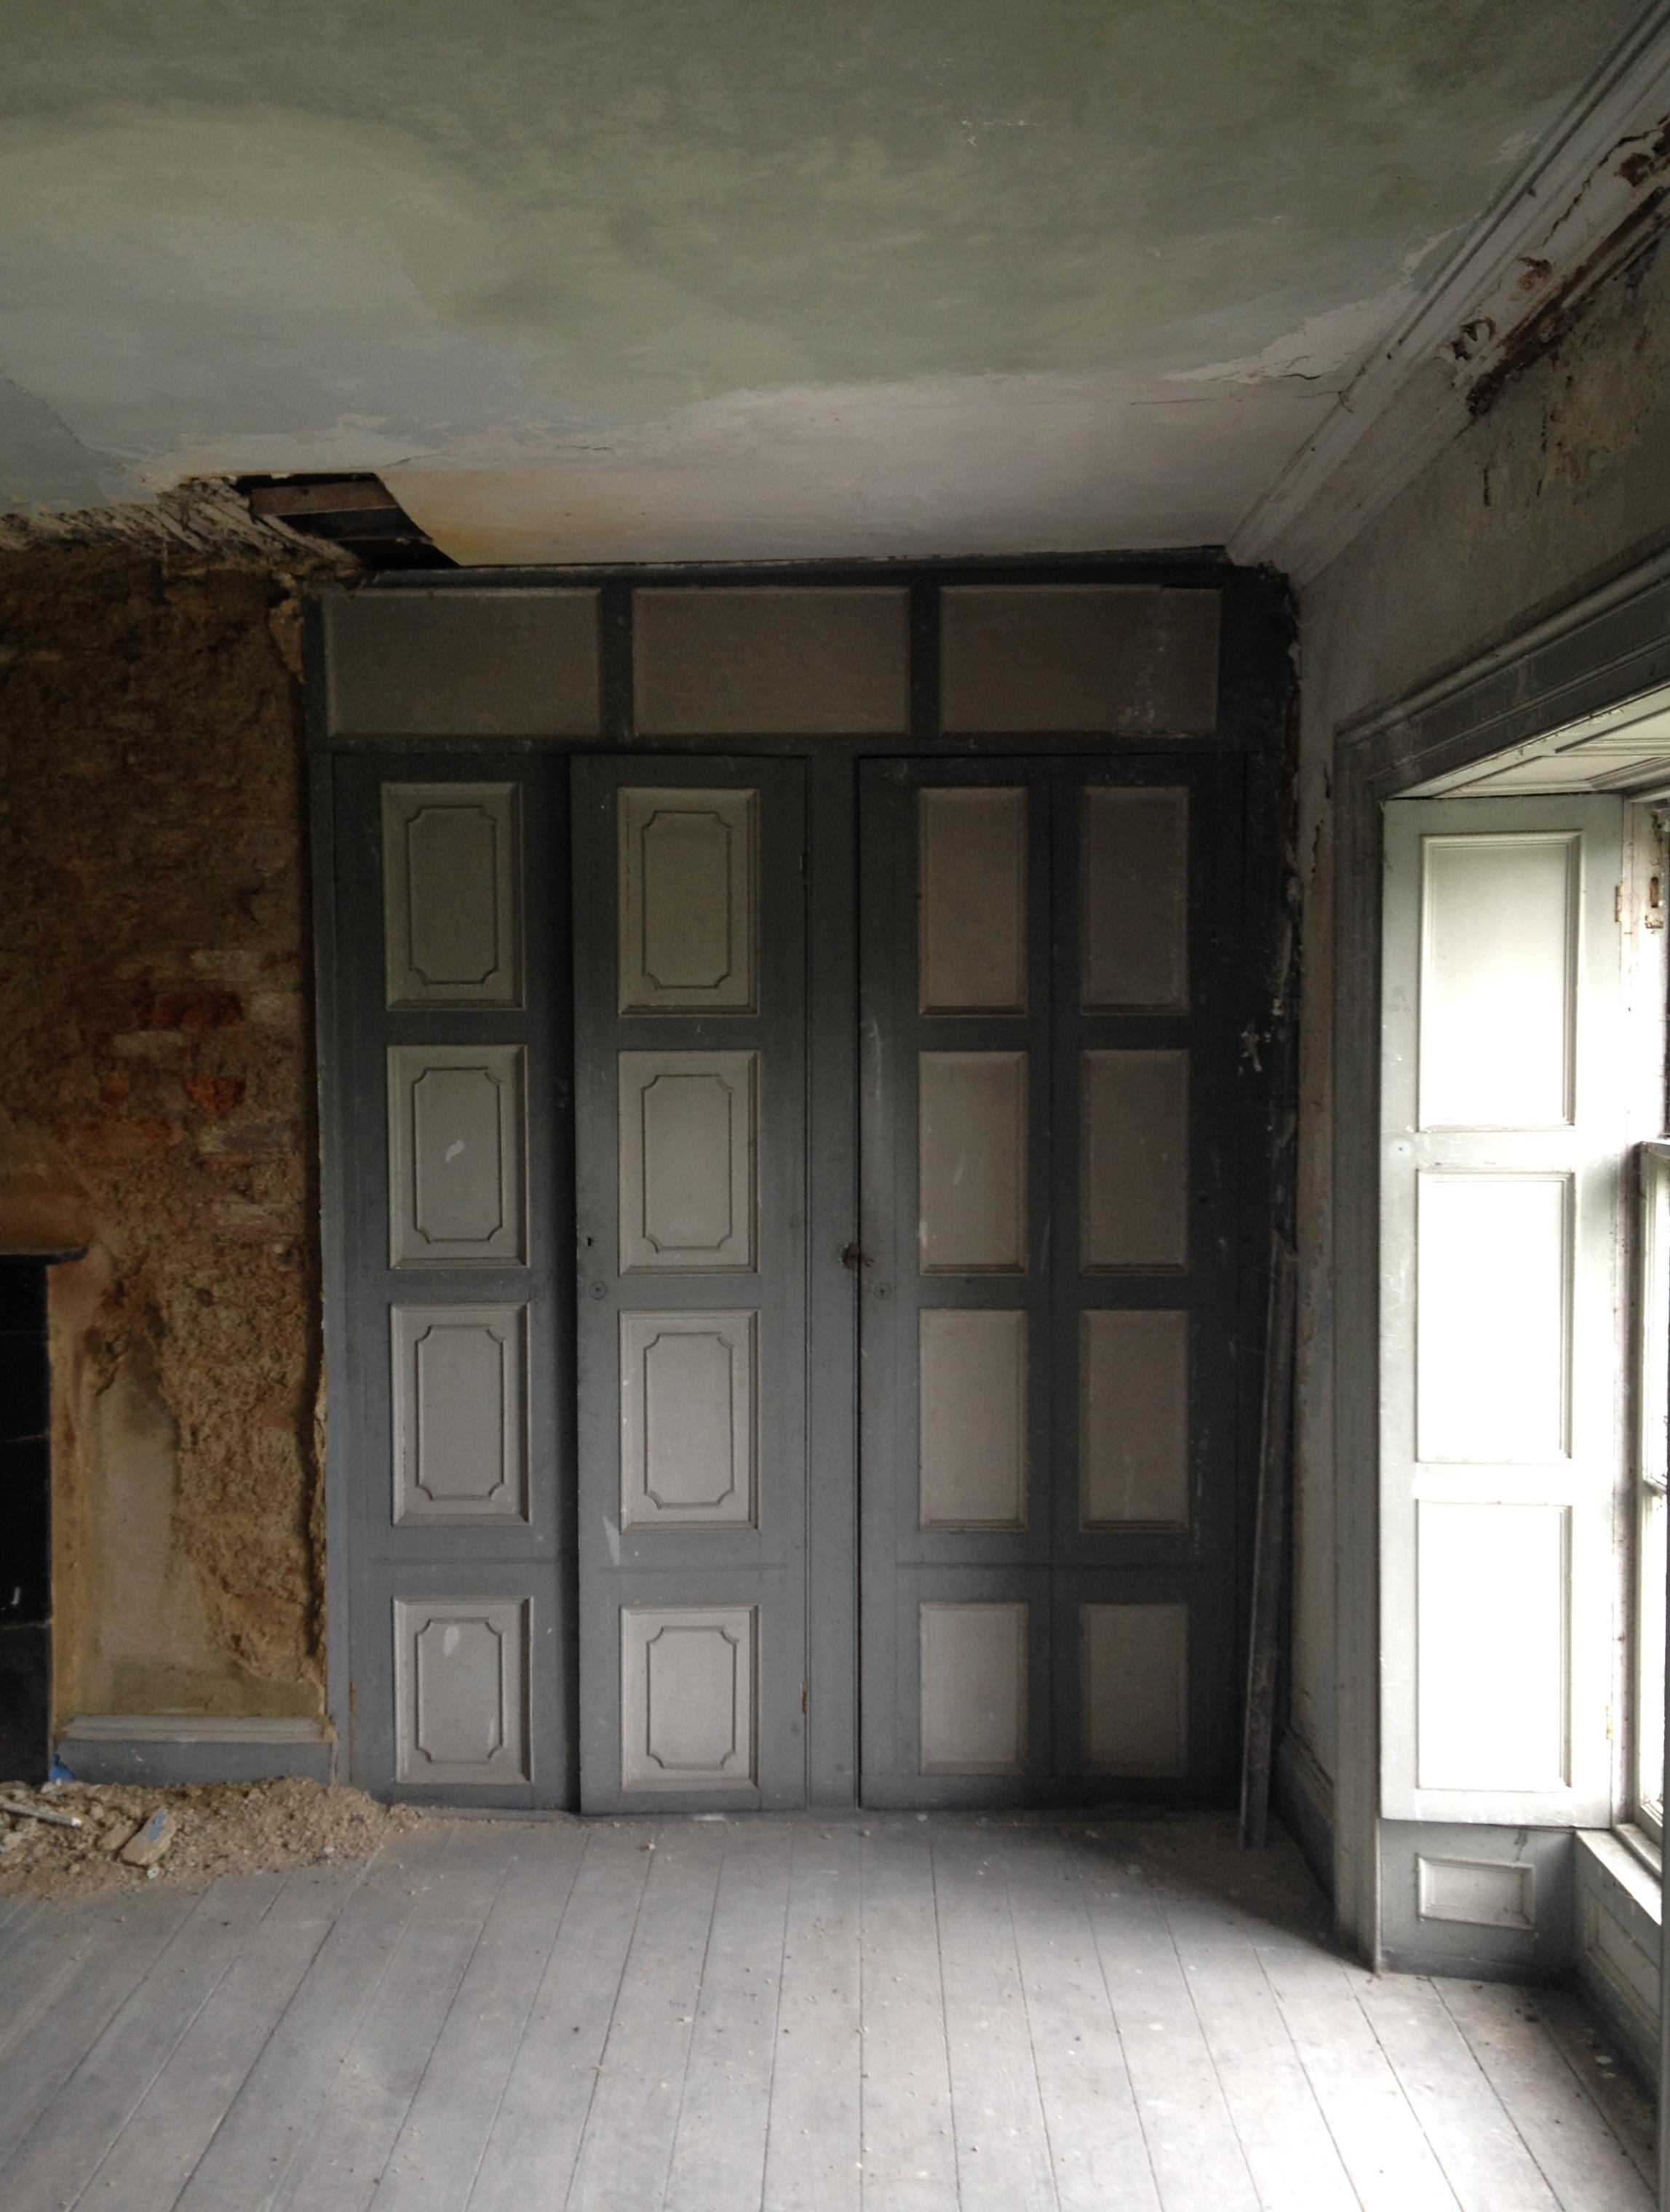 img_9434 & Beyond the Green Baize Door « The Irish Aesthete